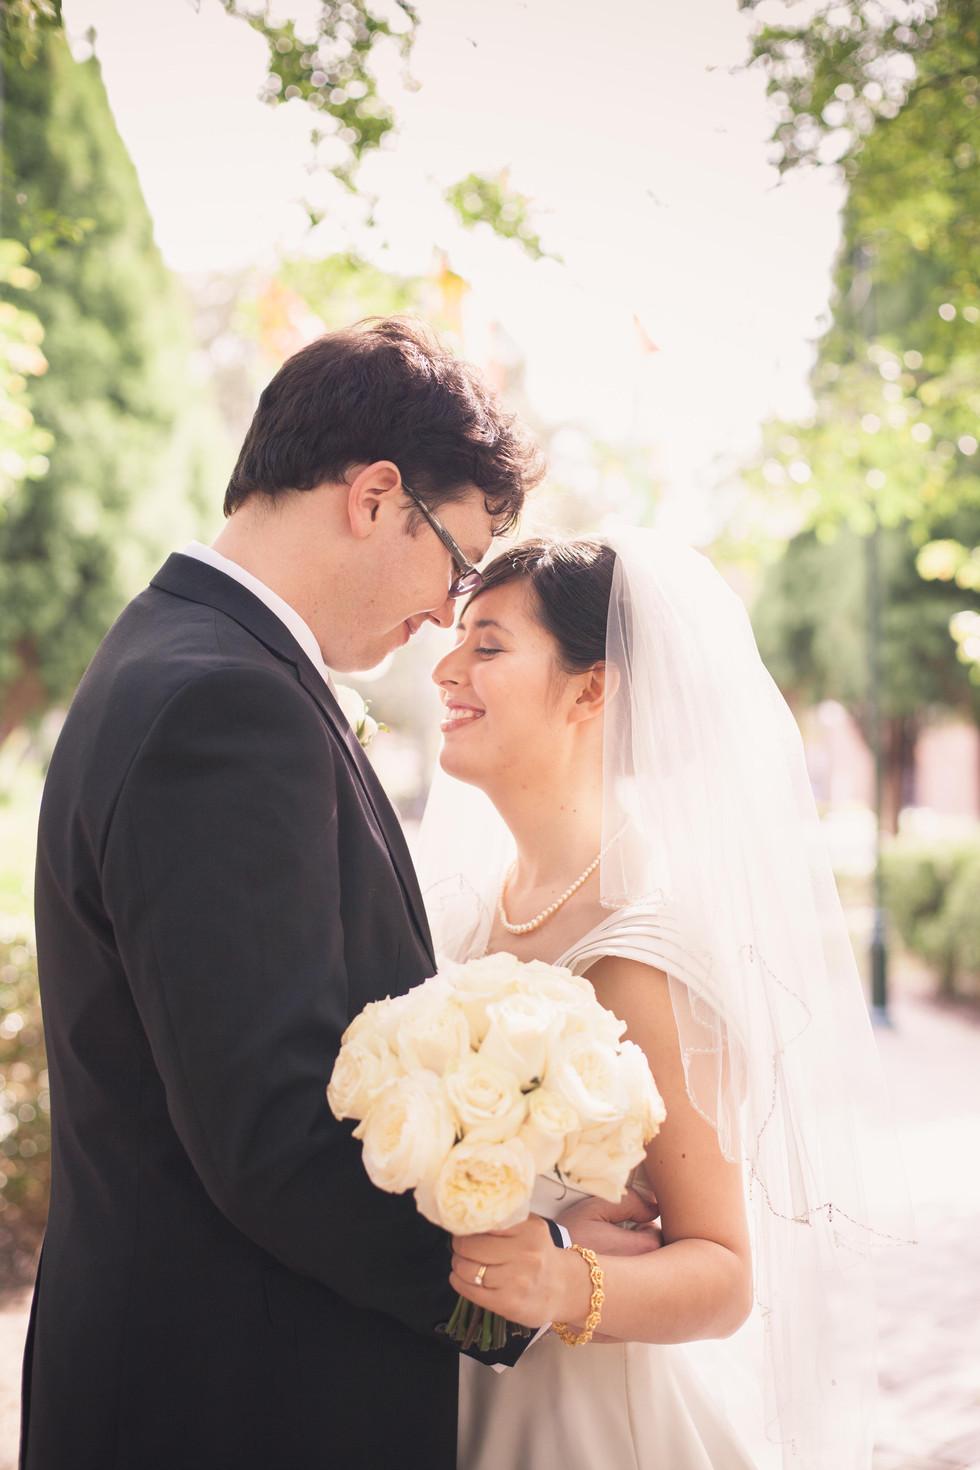 LAUREN & GEORGE WEDDING